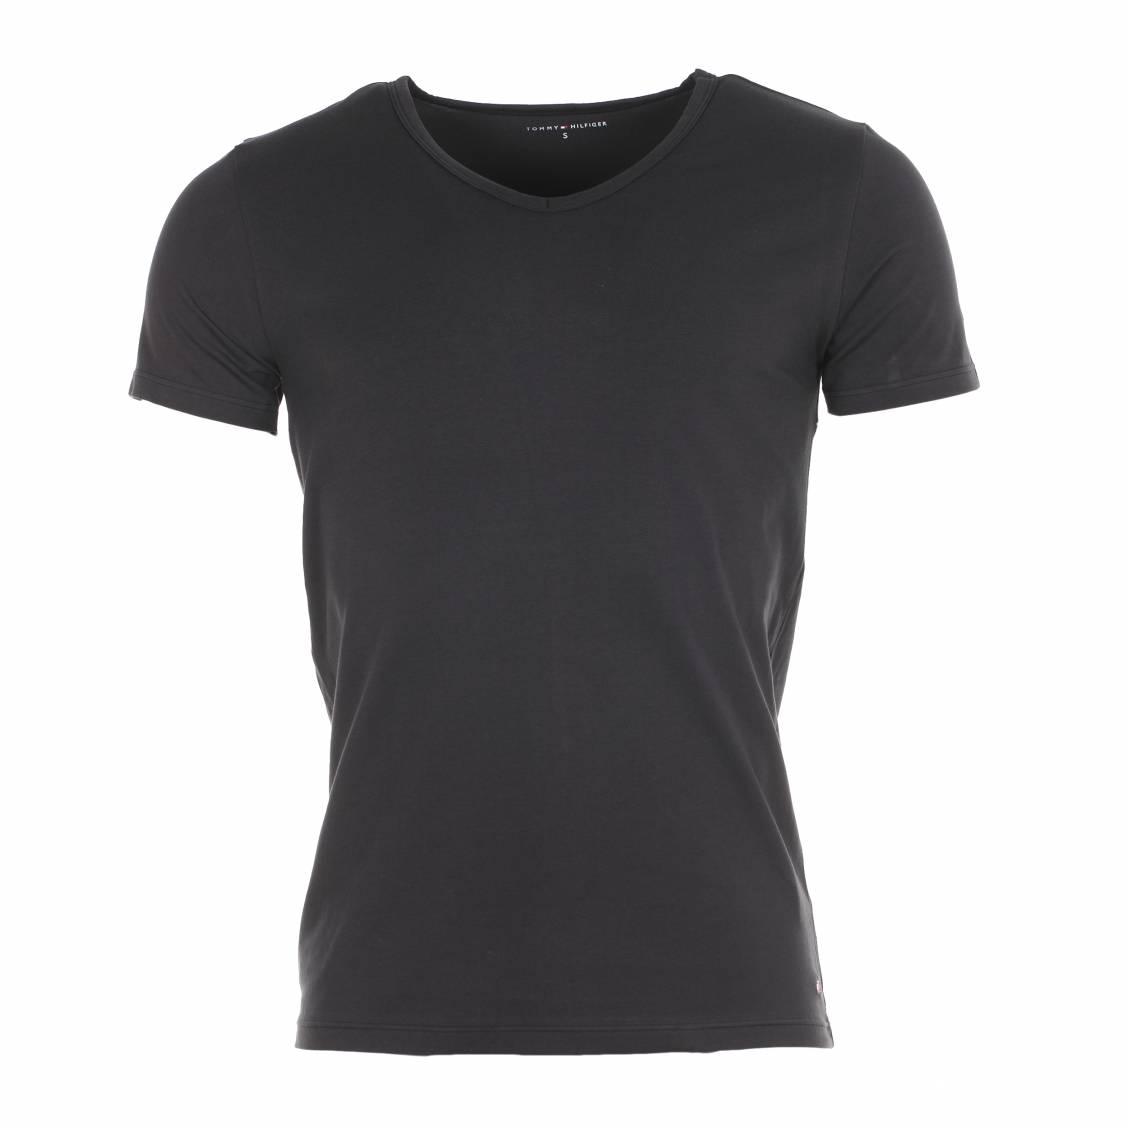 lot de 3 tee shirts col v tommy hilfiger en coton stretch. Black Bedroom Furniture Sets. Home Design Ideas